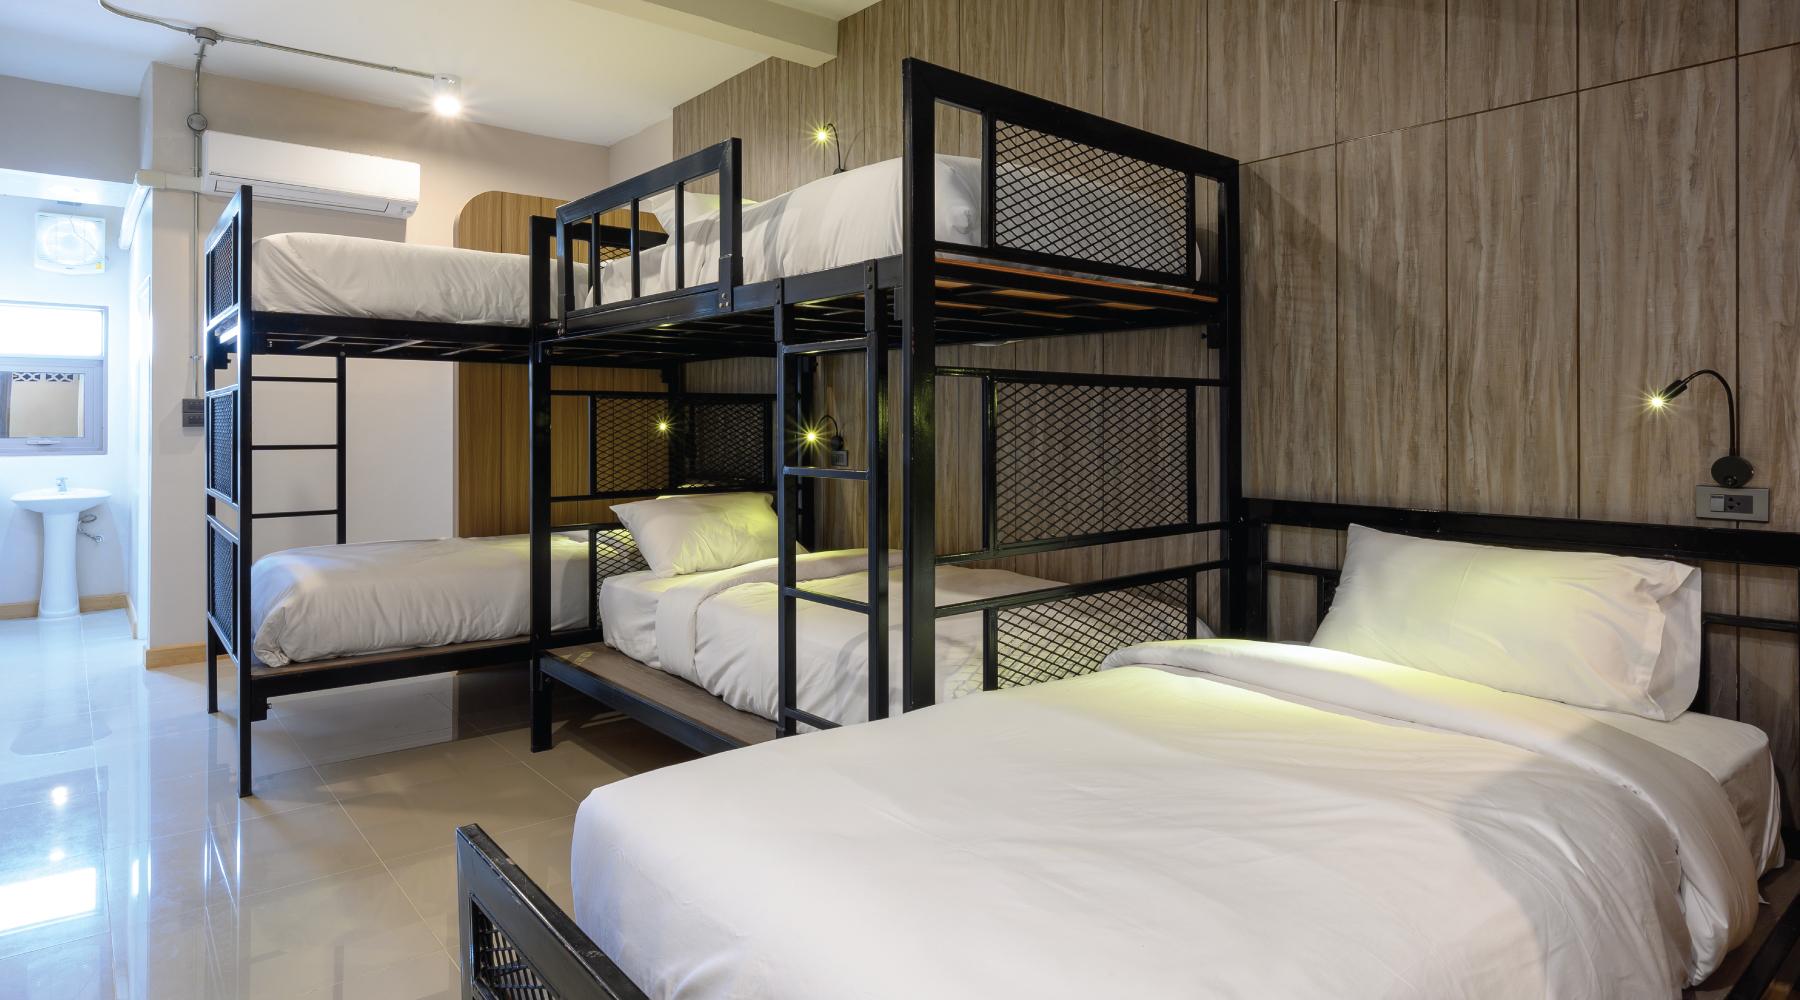 room-bunk-bed-01